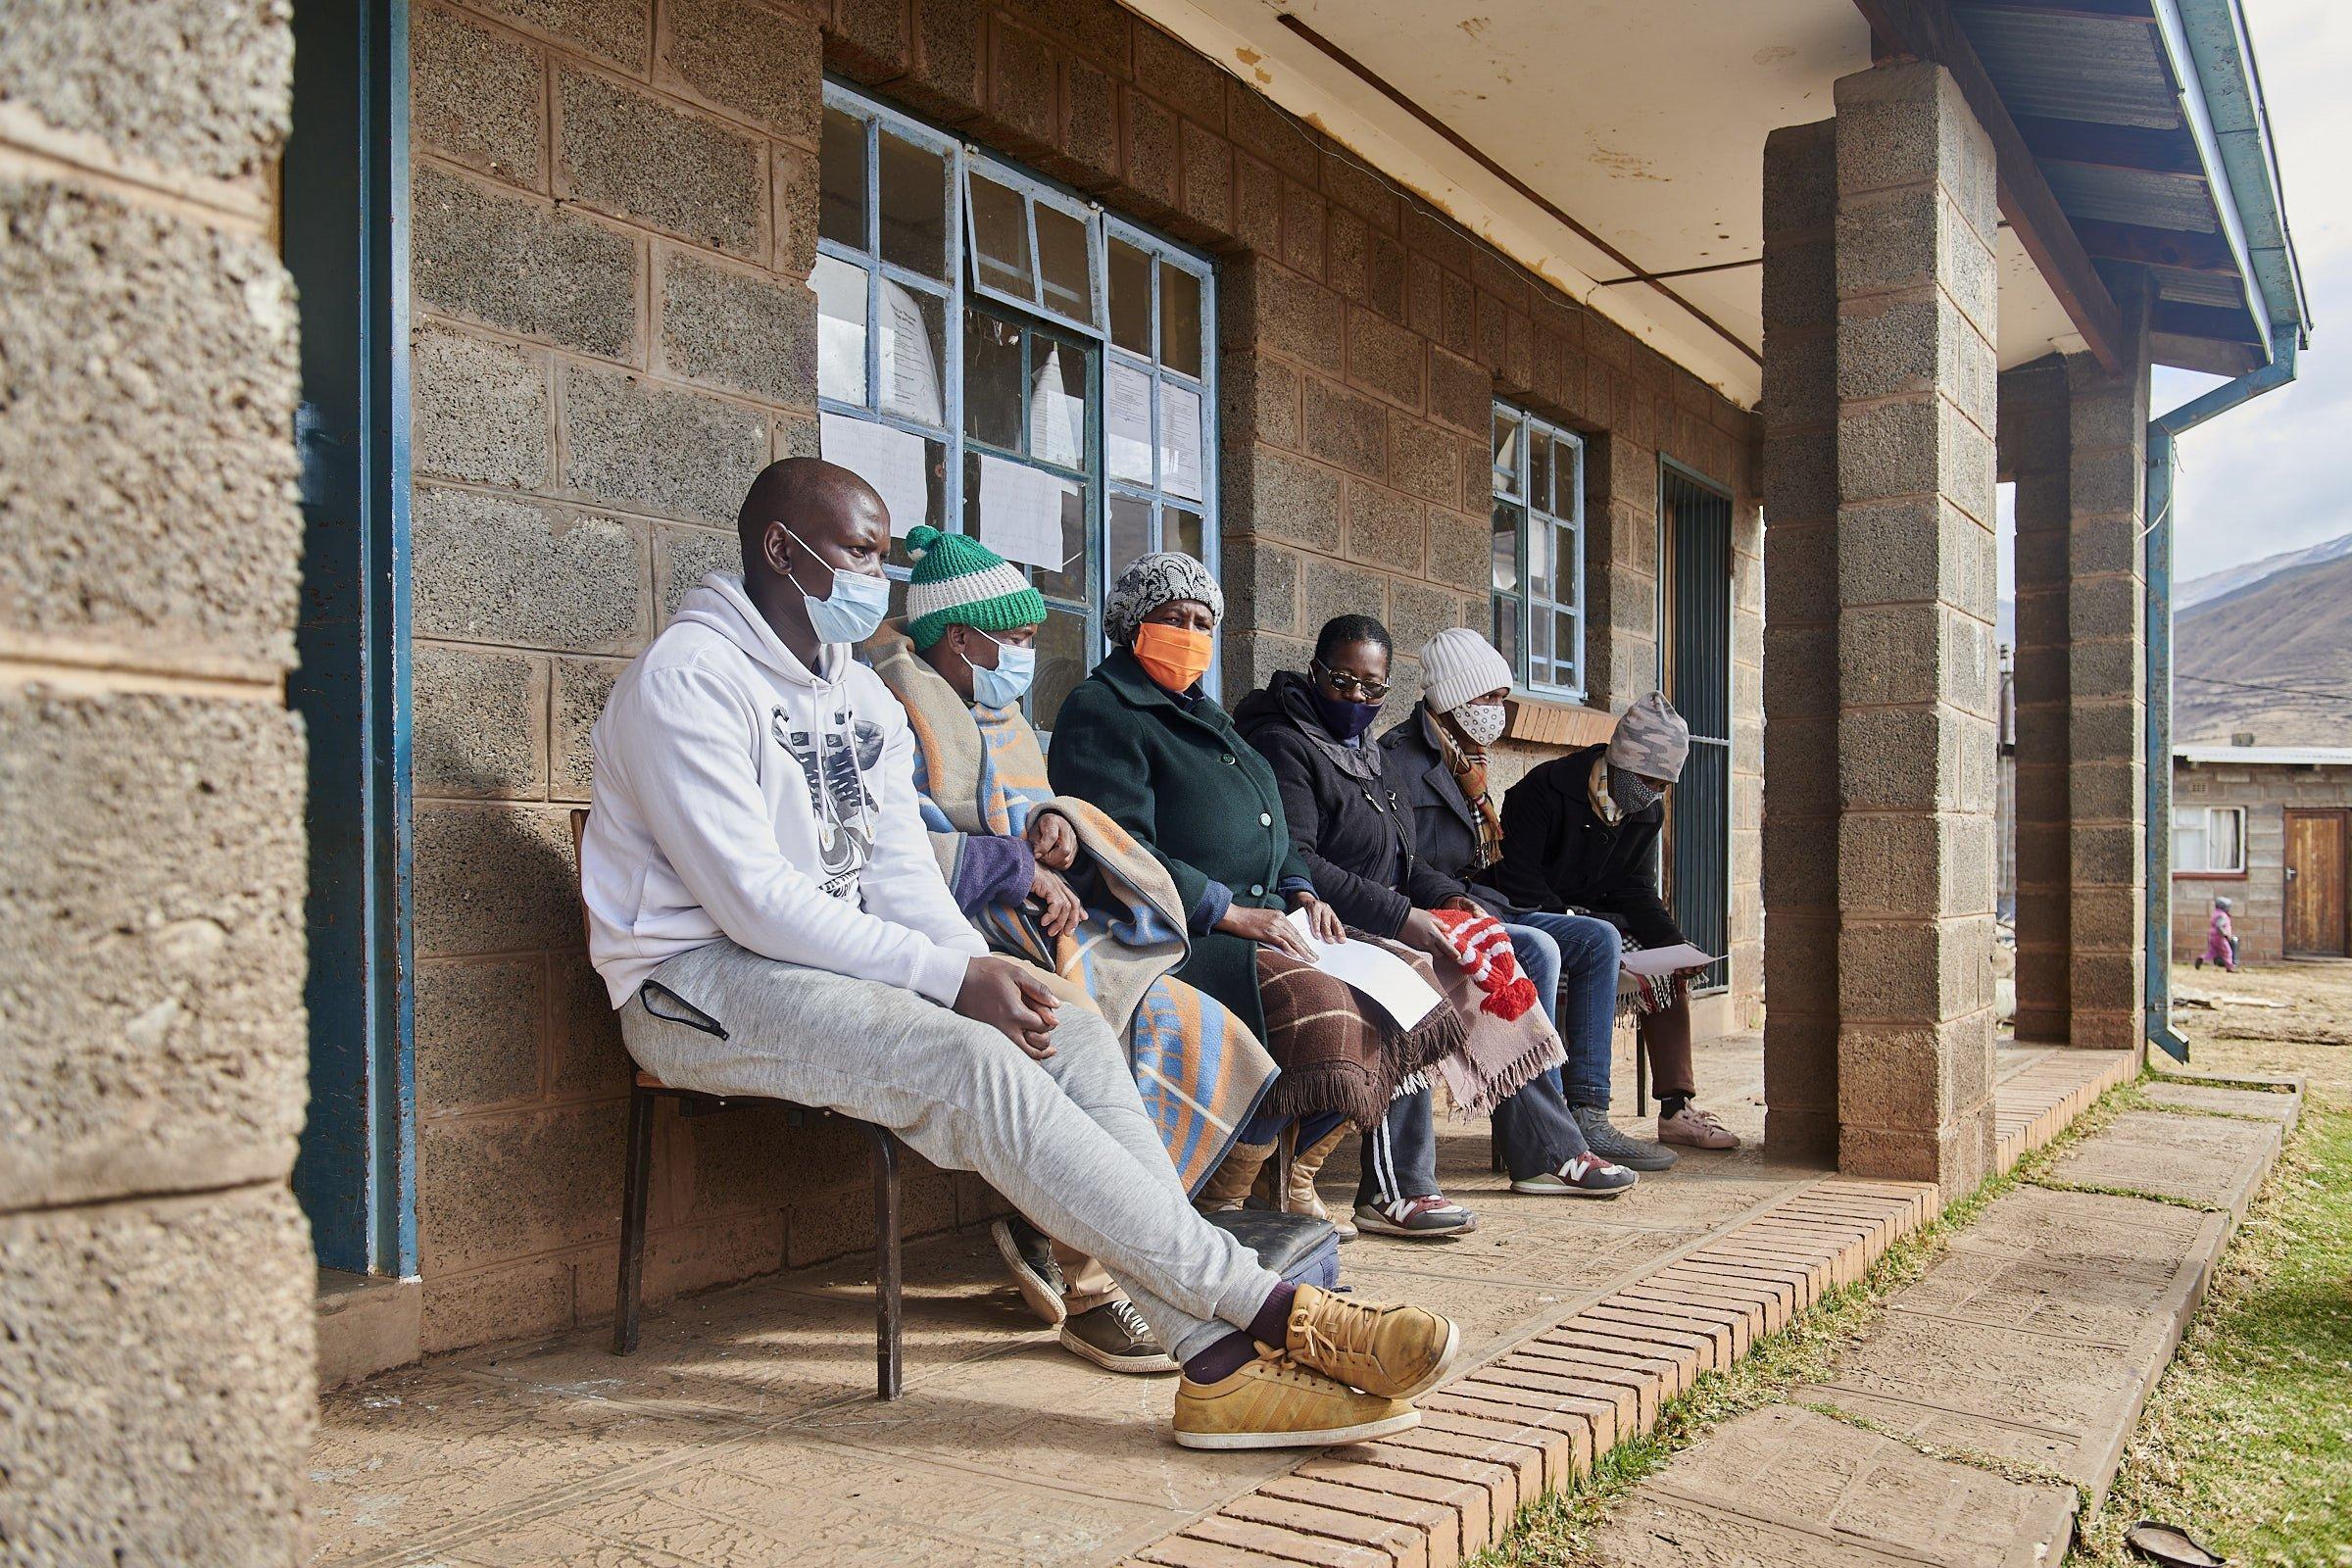 Vor einem kleinen Haus sitzen die Mitglieder des Komitees nebeneinander, sie tragen Corona-Masken und Mützen